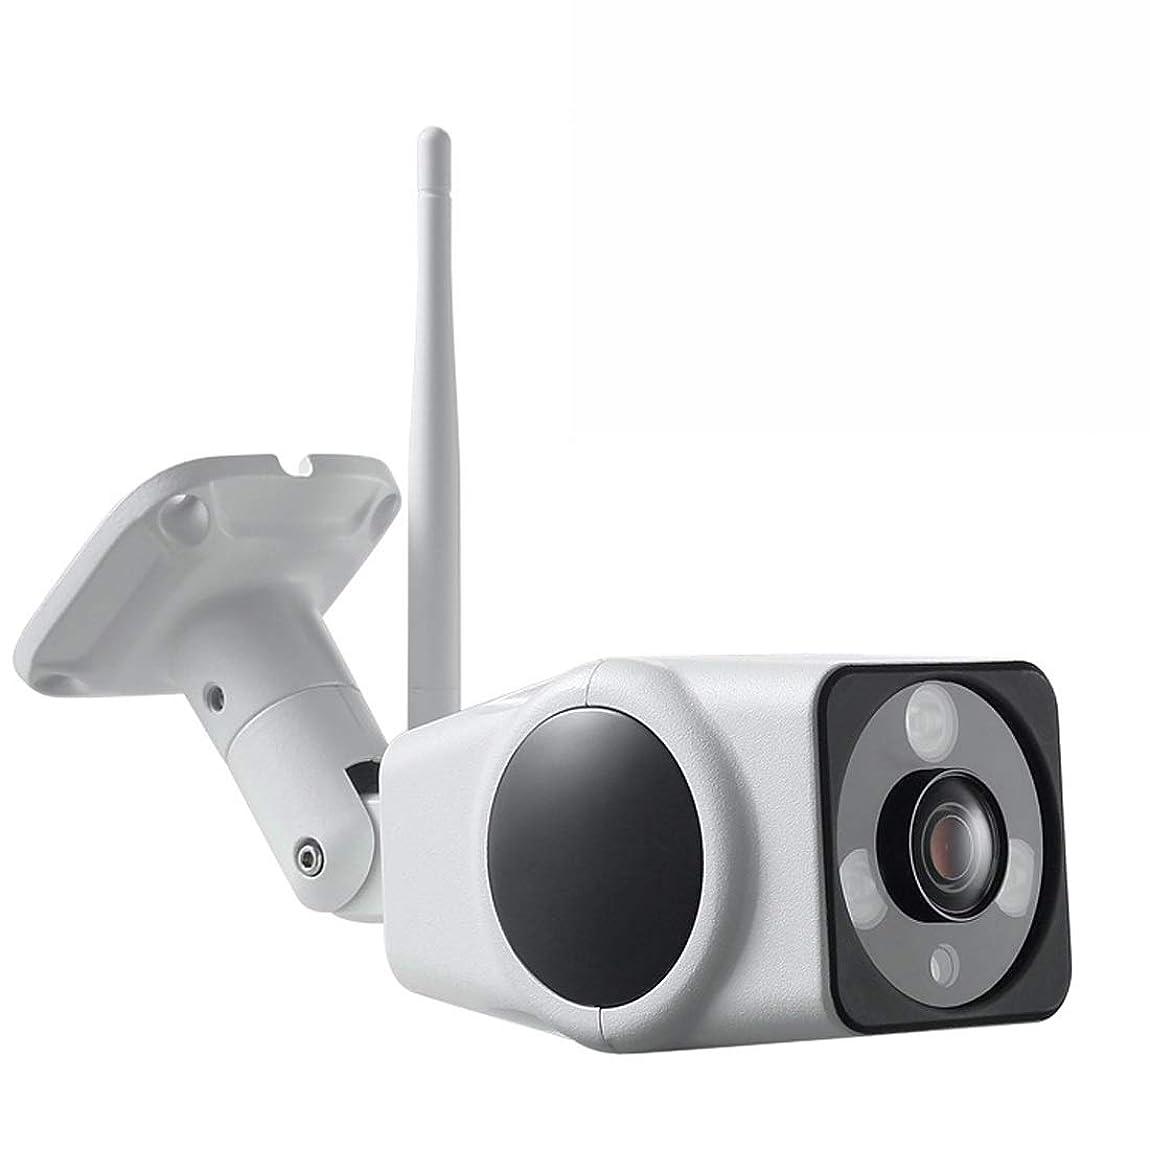 覗く劇場来てノウ建材貿易 防水4Gワイヤレスカメラ屋外の携帯電話の遠隔監視カード監視カメラ